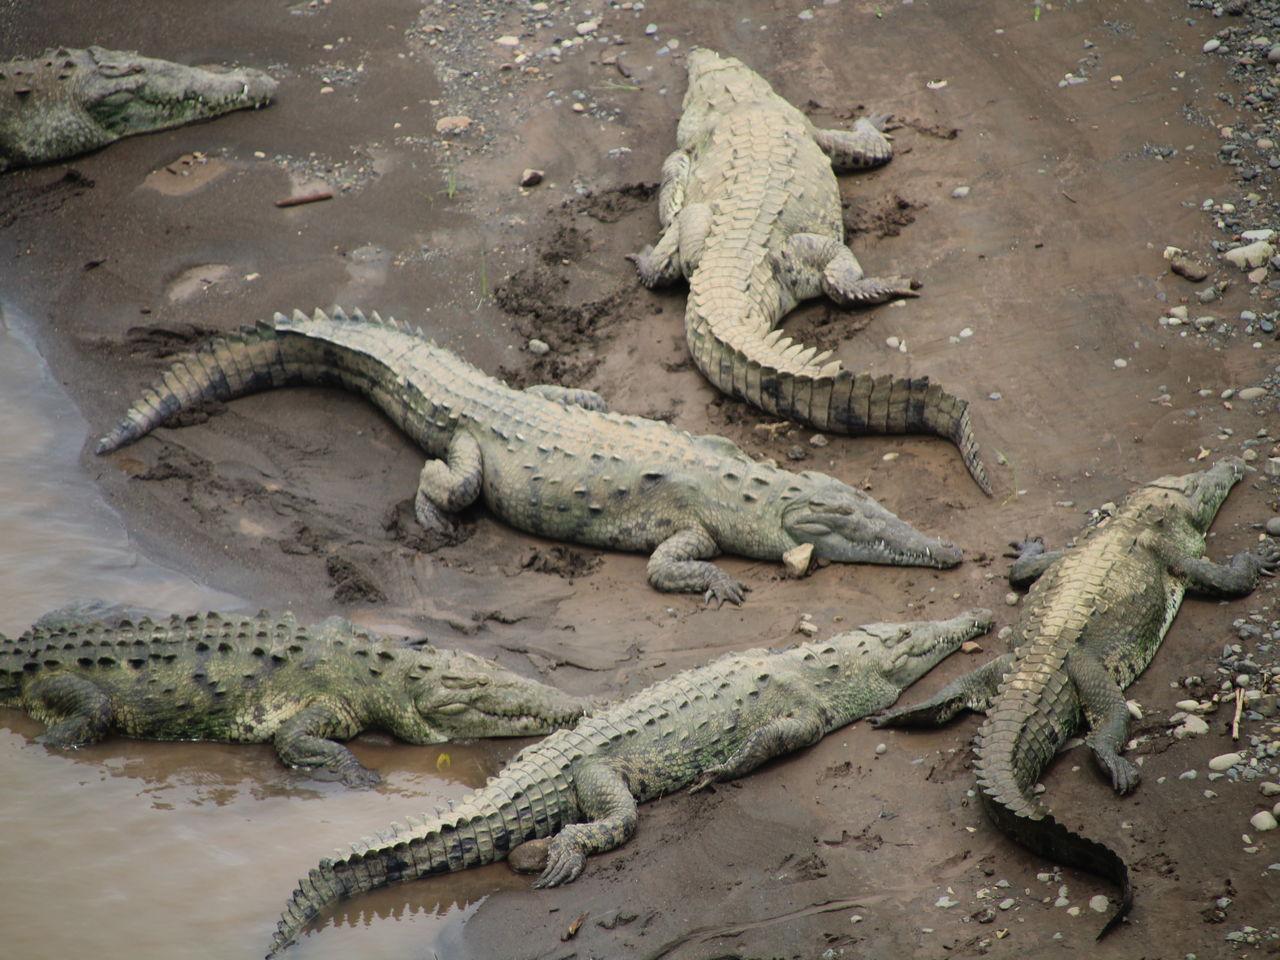 Río Tárcoles, cocodrilos de Costa Rica a escasos metros.